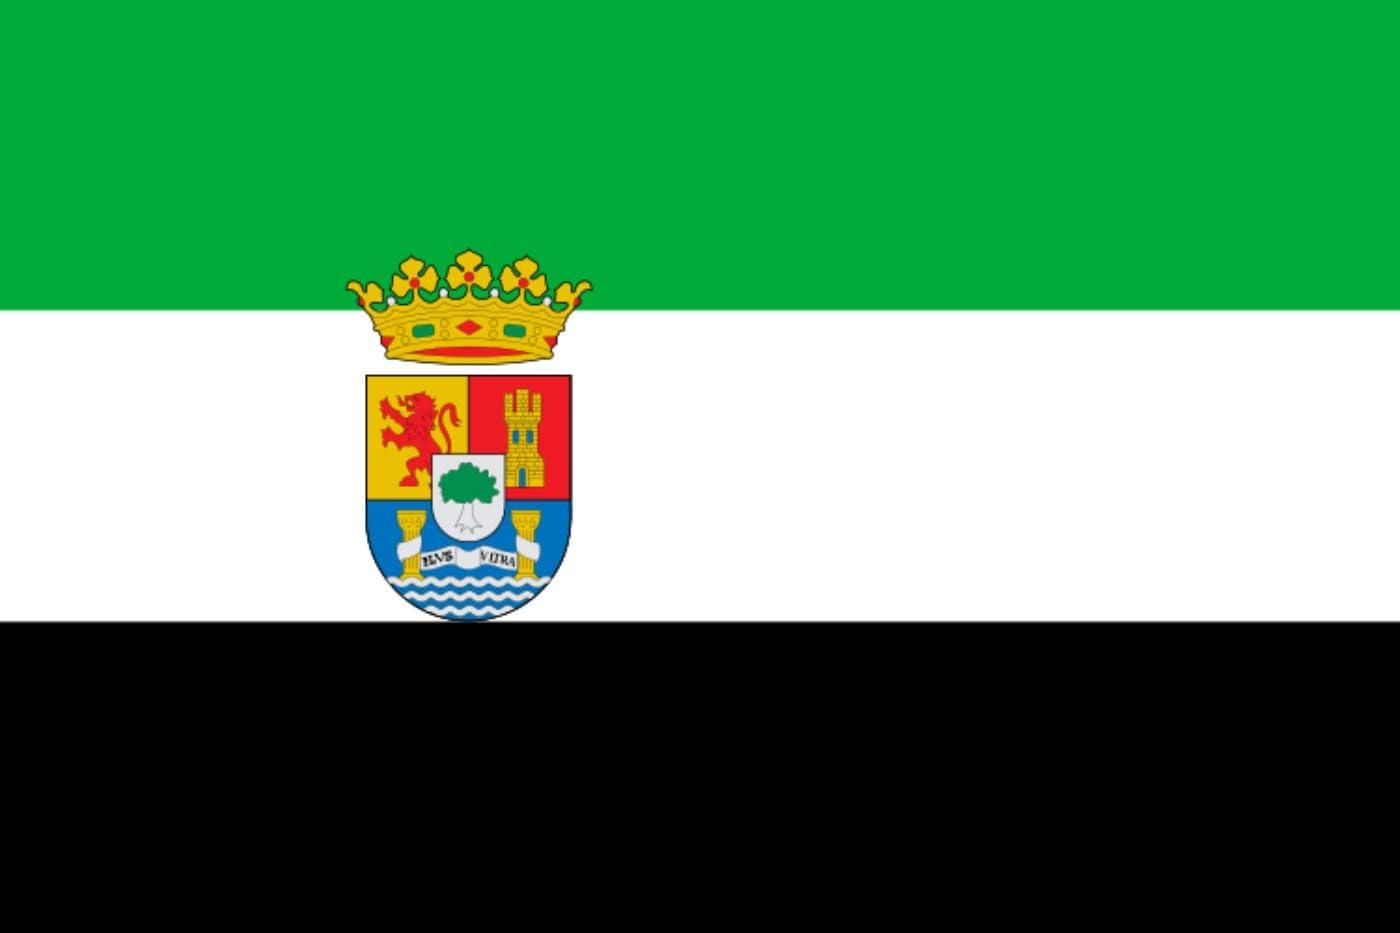 Gran Bandera de Extremadura 150*90 cm Durabol: Amazon.es: Deportes y aire libre